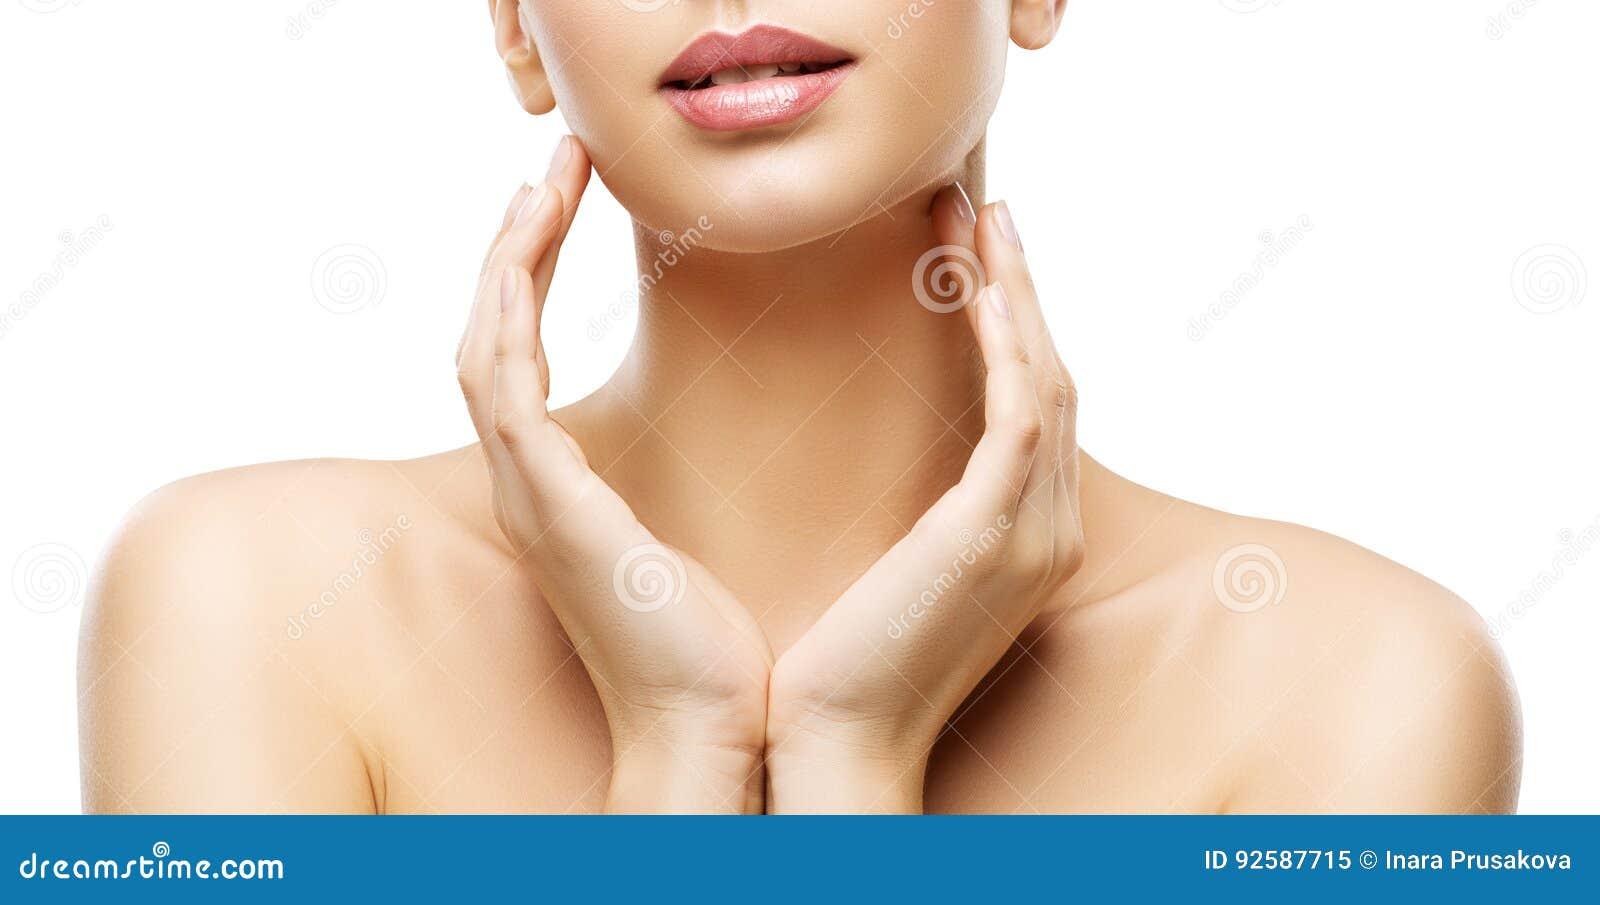 Skóry opieki piękno, kobiet wargi Skincare i ręki, Zdrowy ciało